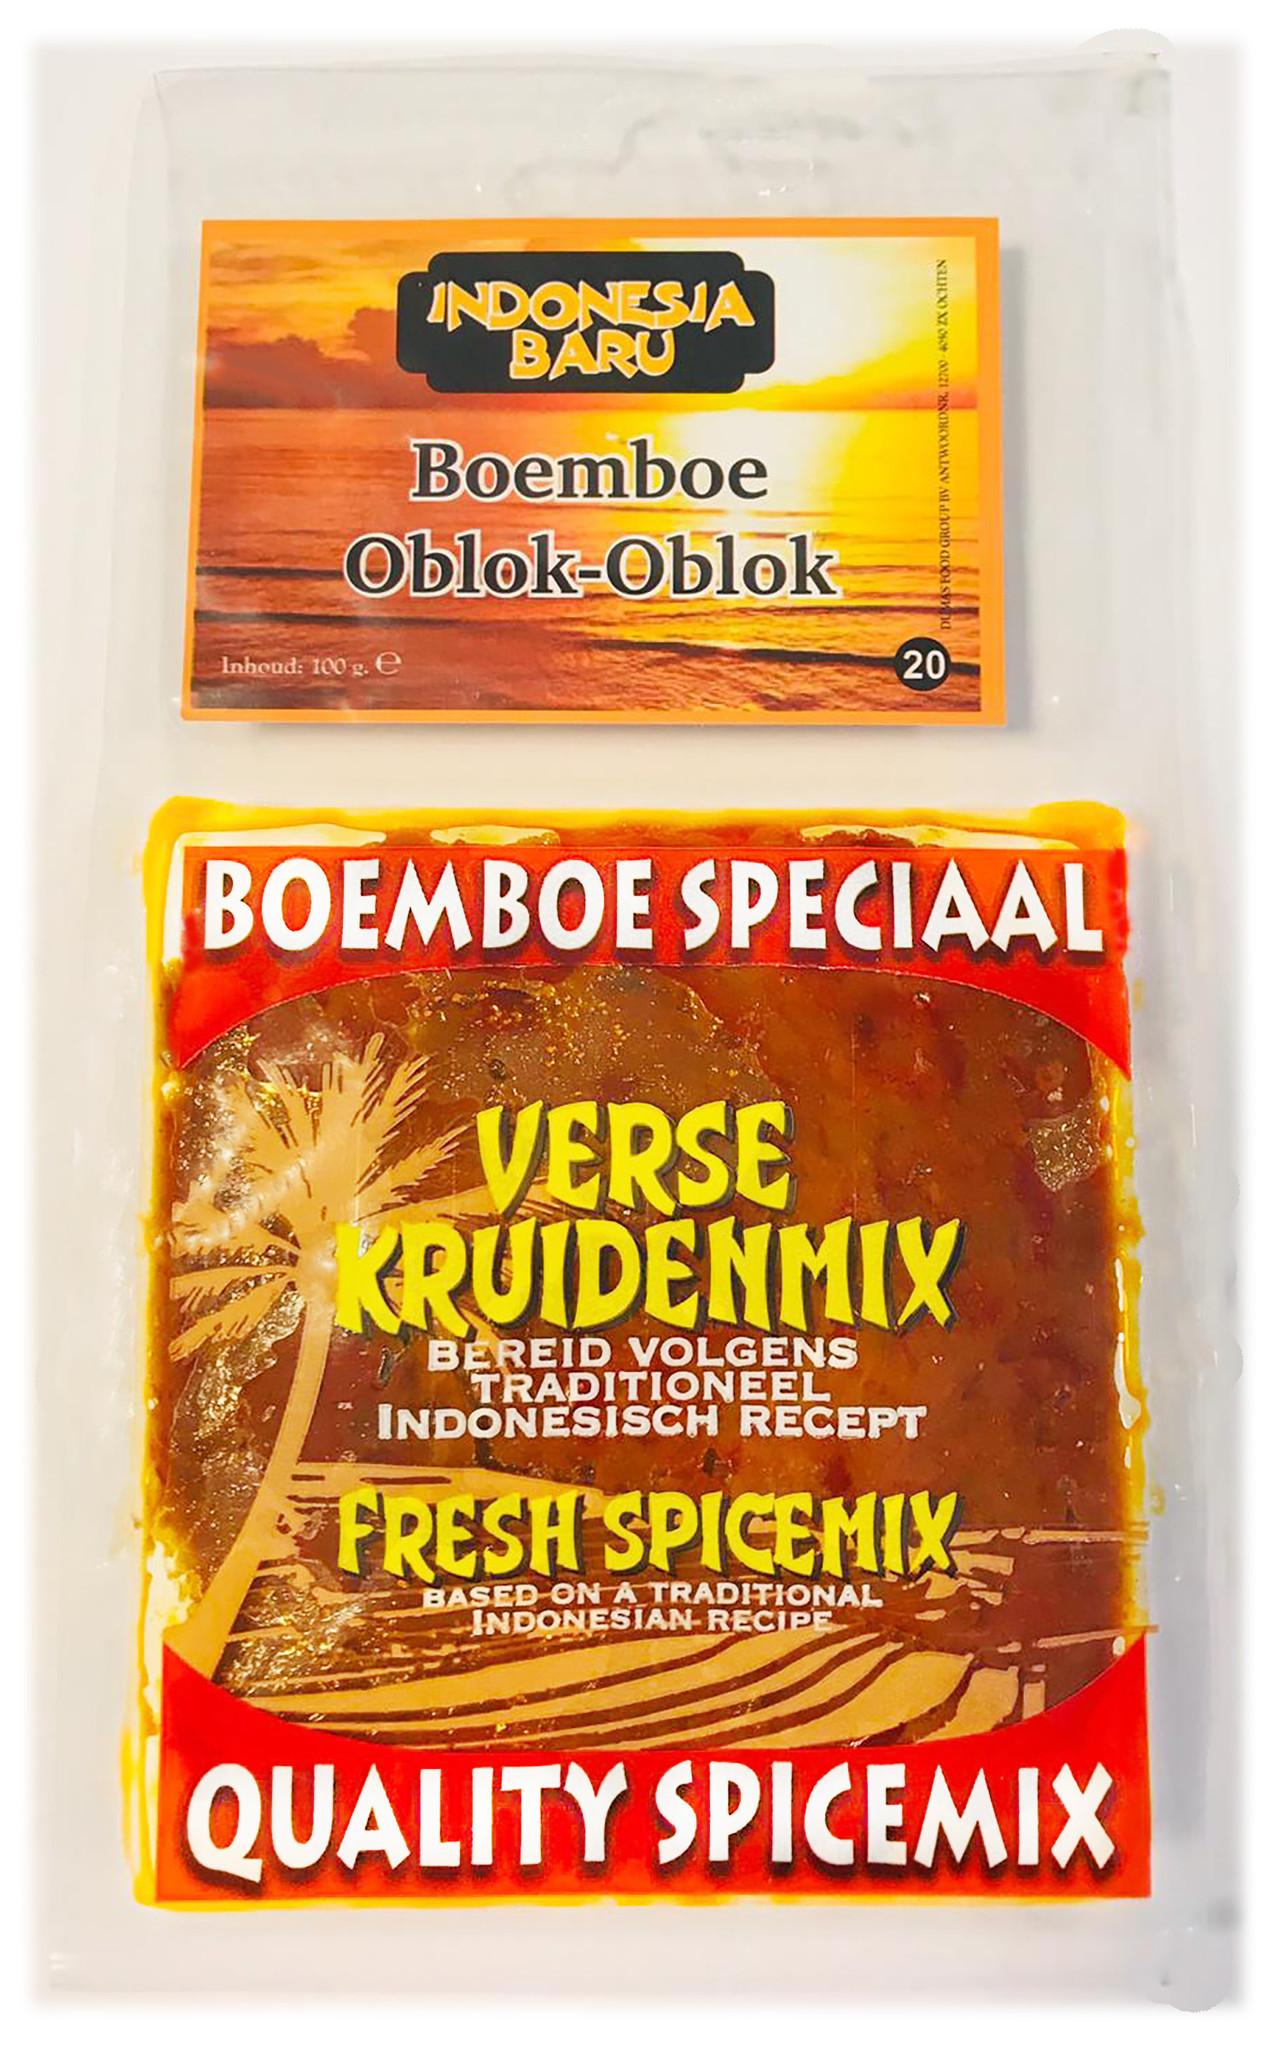 Boemboe Oblok Oblok